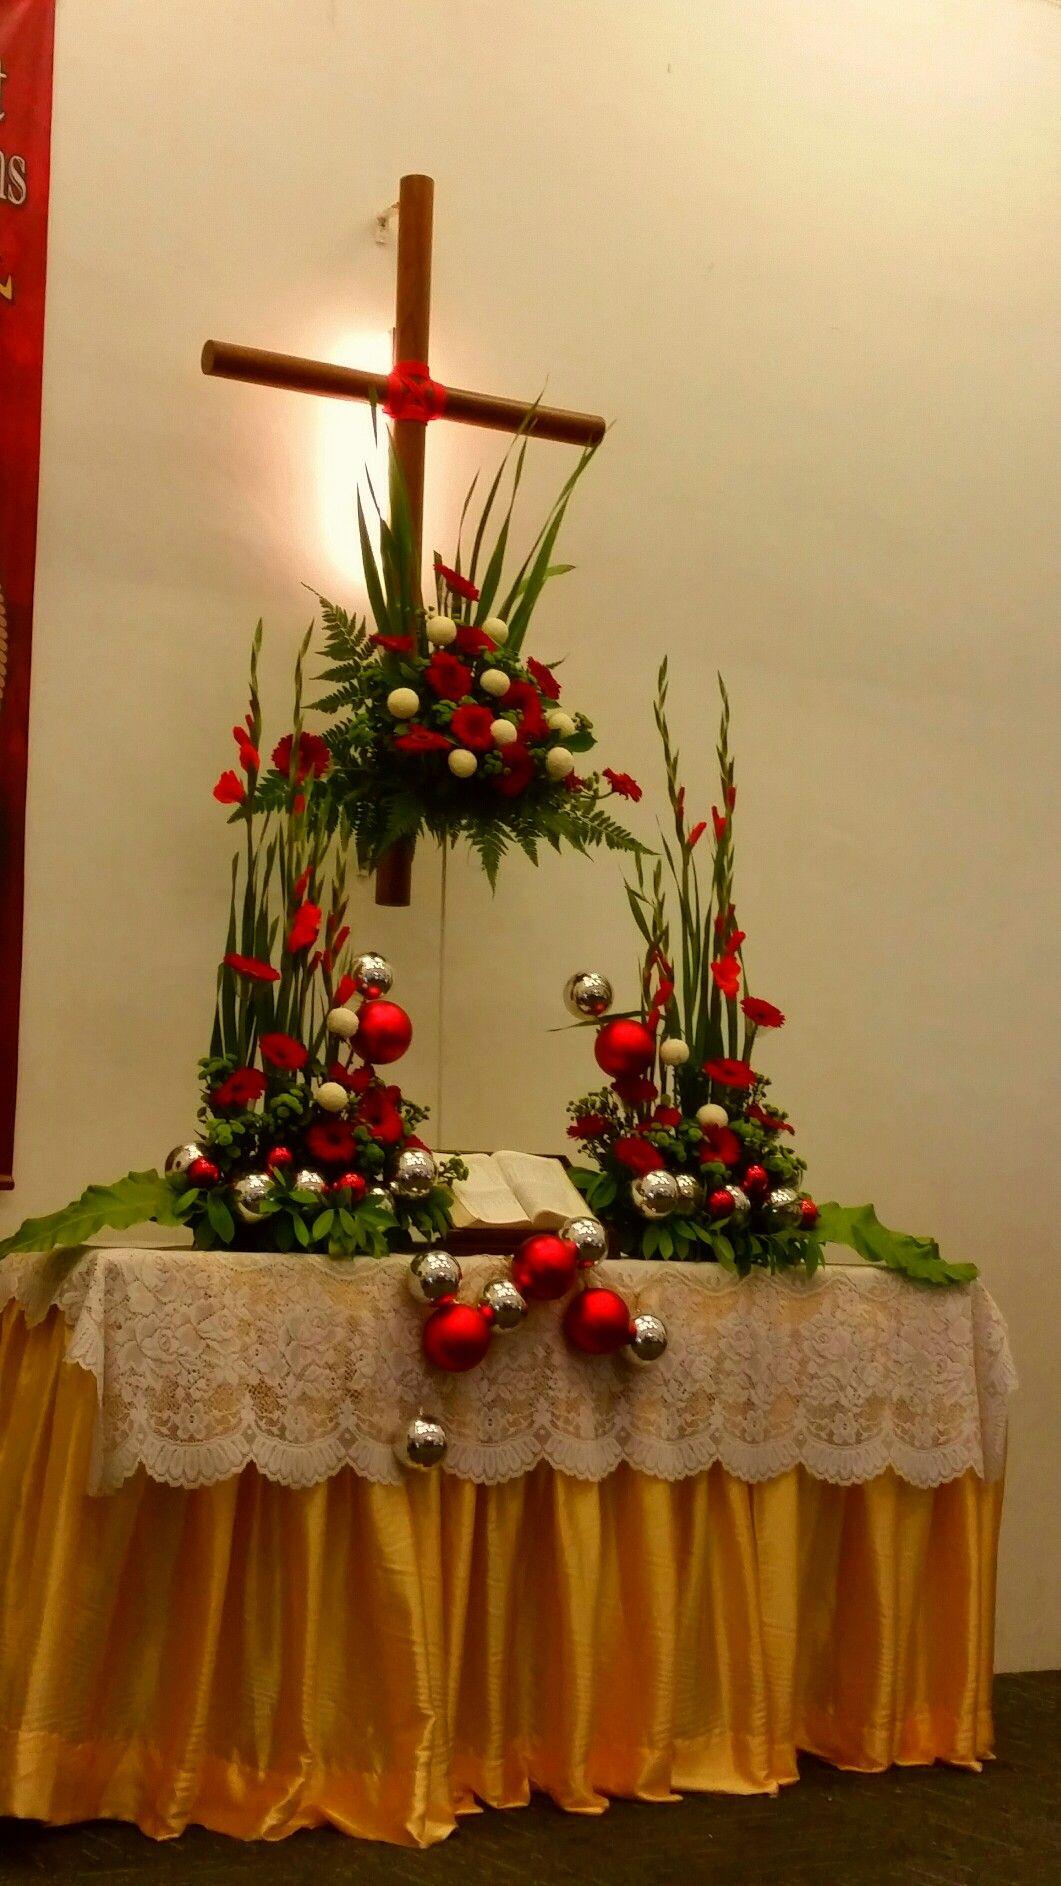 Christmas Altar Flower Arrangement 2016 EMCLC☆ Church